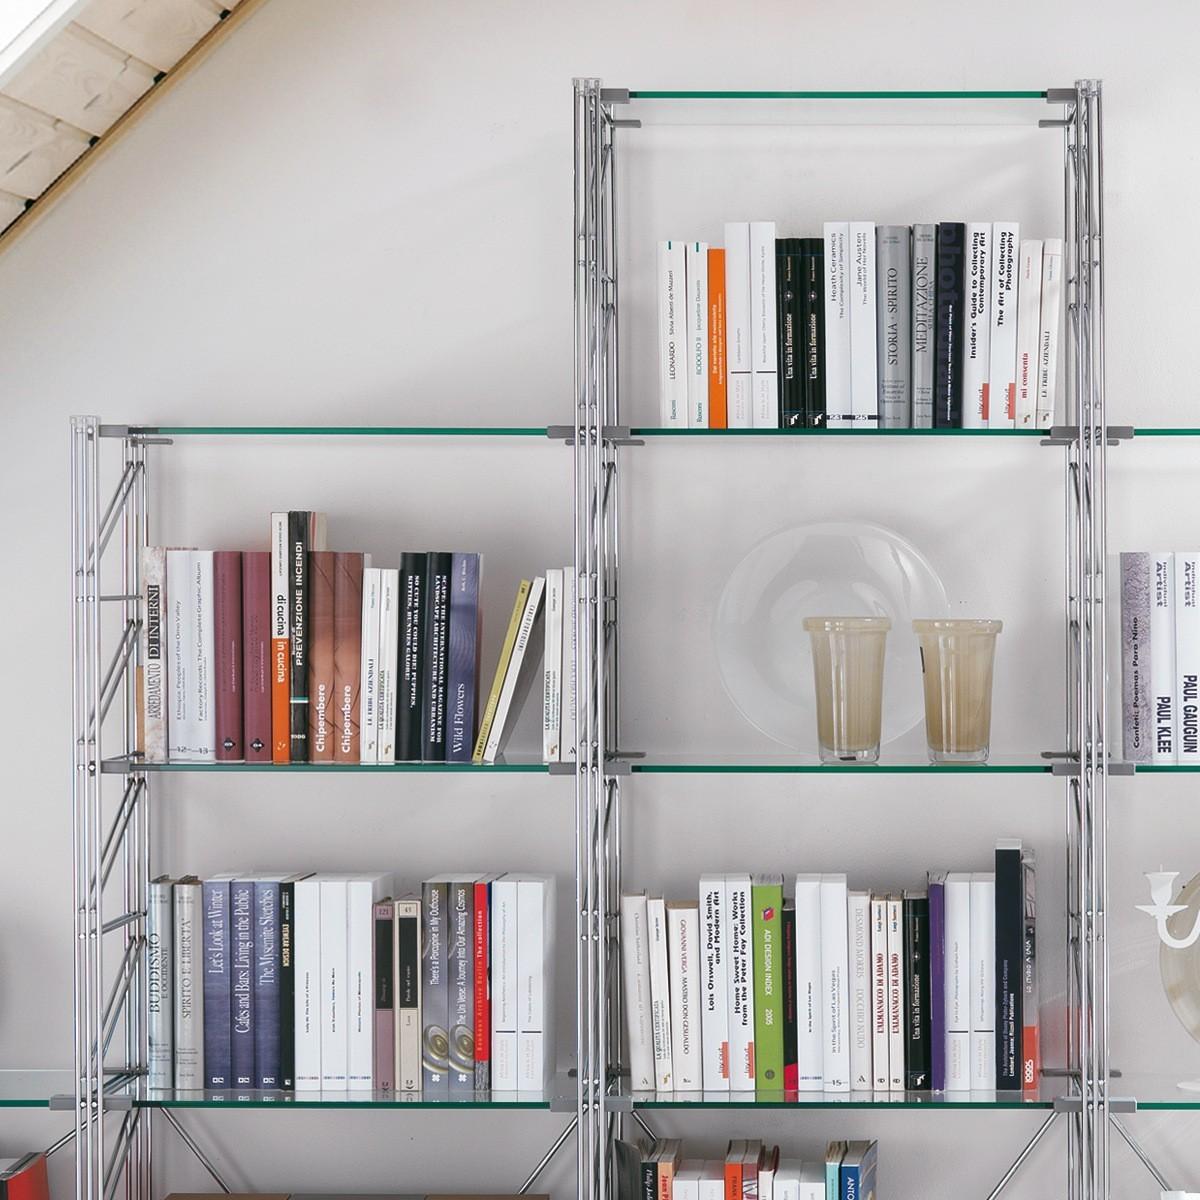 Teodor libreria per mansarda in acciaio e vetro 365 x 35 x for Libreria acciaio e vetro